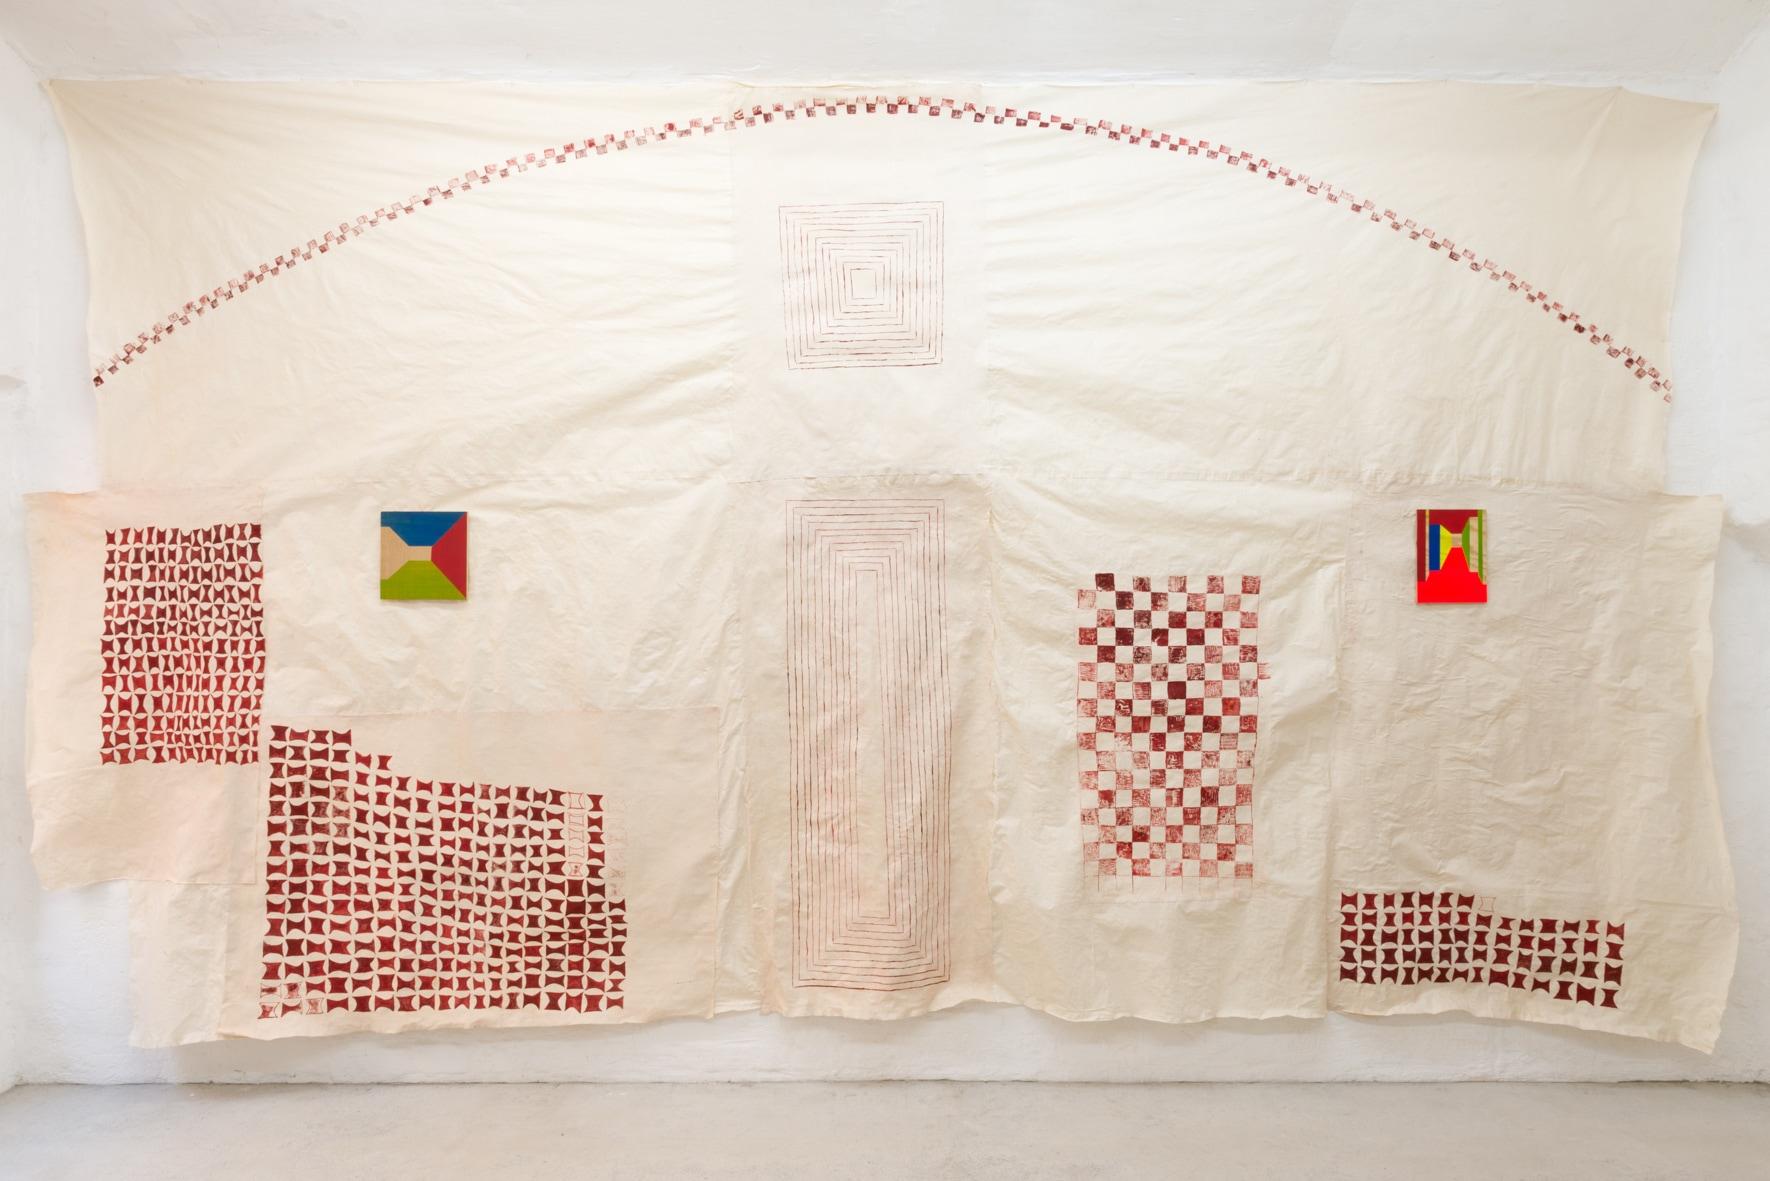 Exhibition view (Nina Zeljković, Charlie Jeffery)